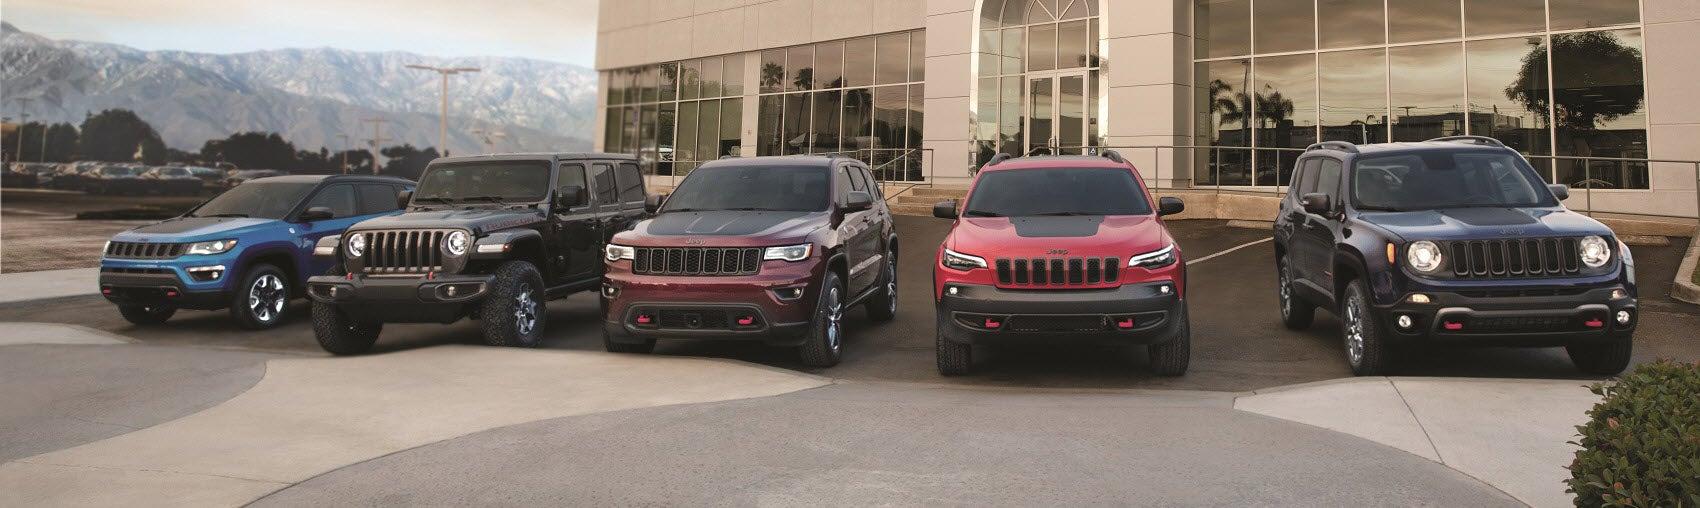 Jeep Dealers Near Me >> Dealer Near Me Elkins Wv Elkins Chrysler Dodge Jeep Ram